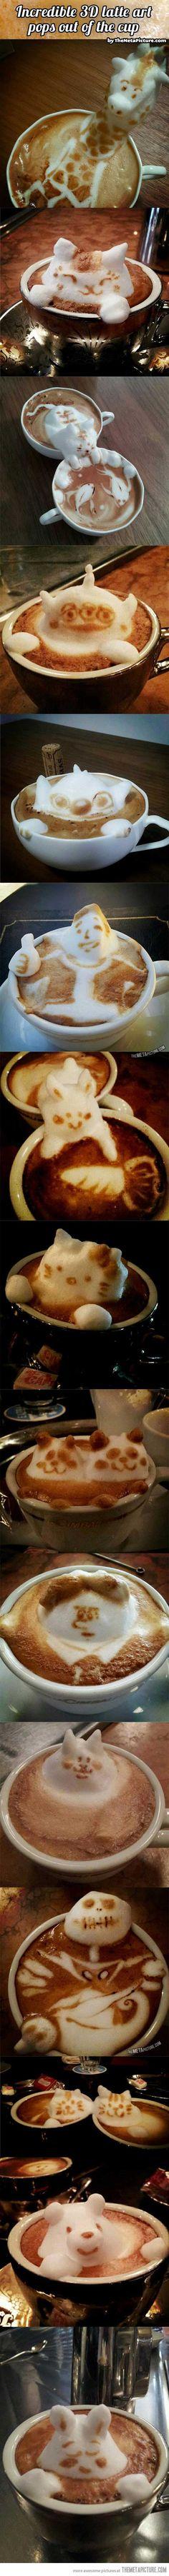 Tomar cafe,es mucho mas....ahora si